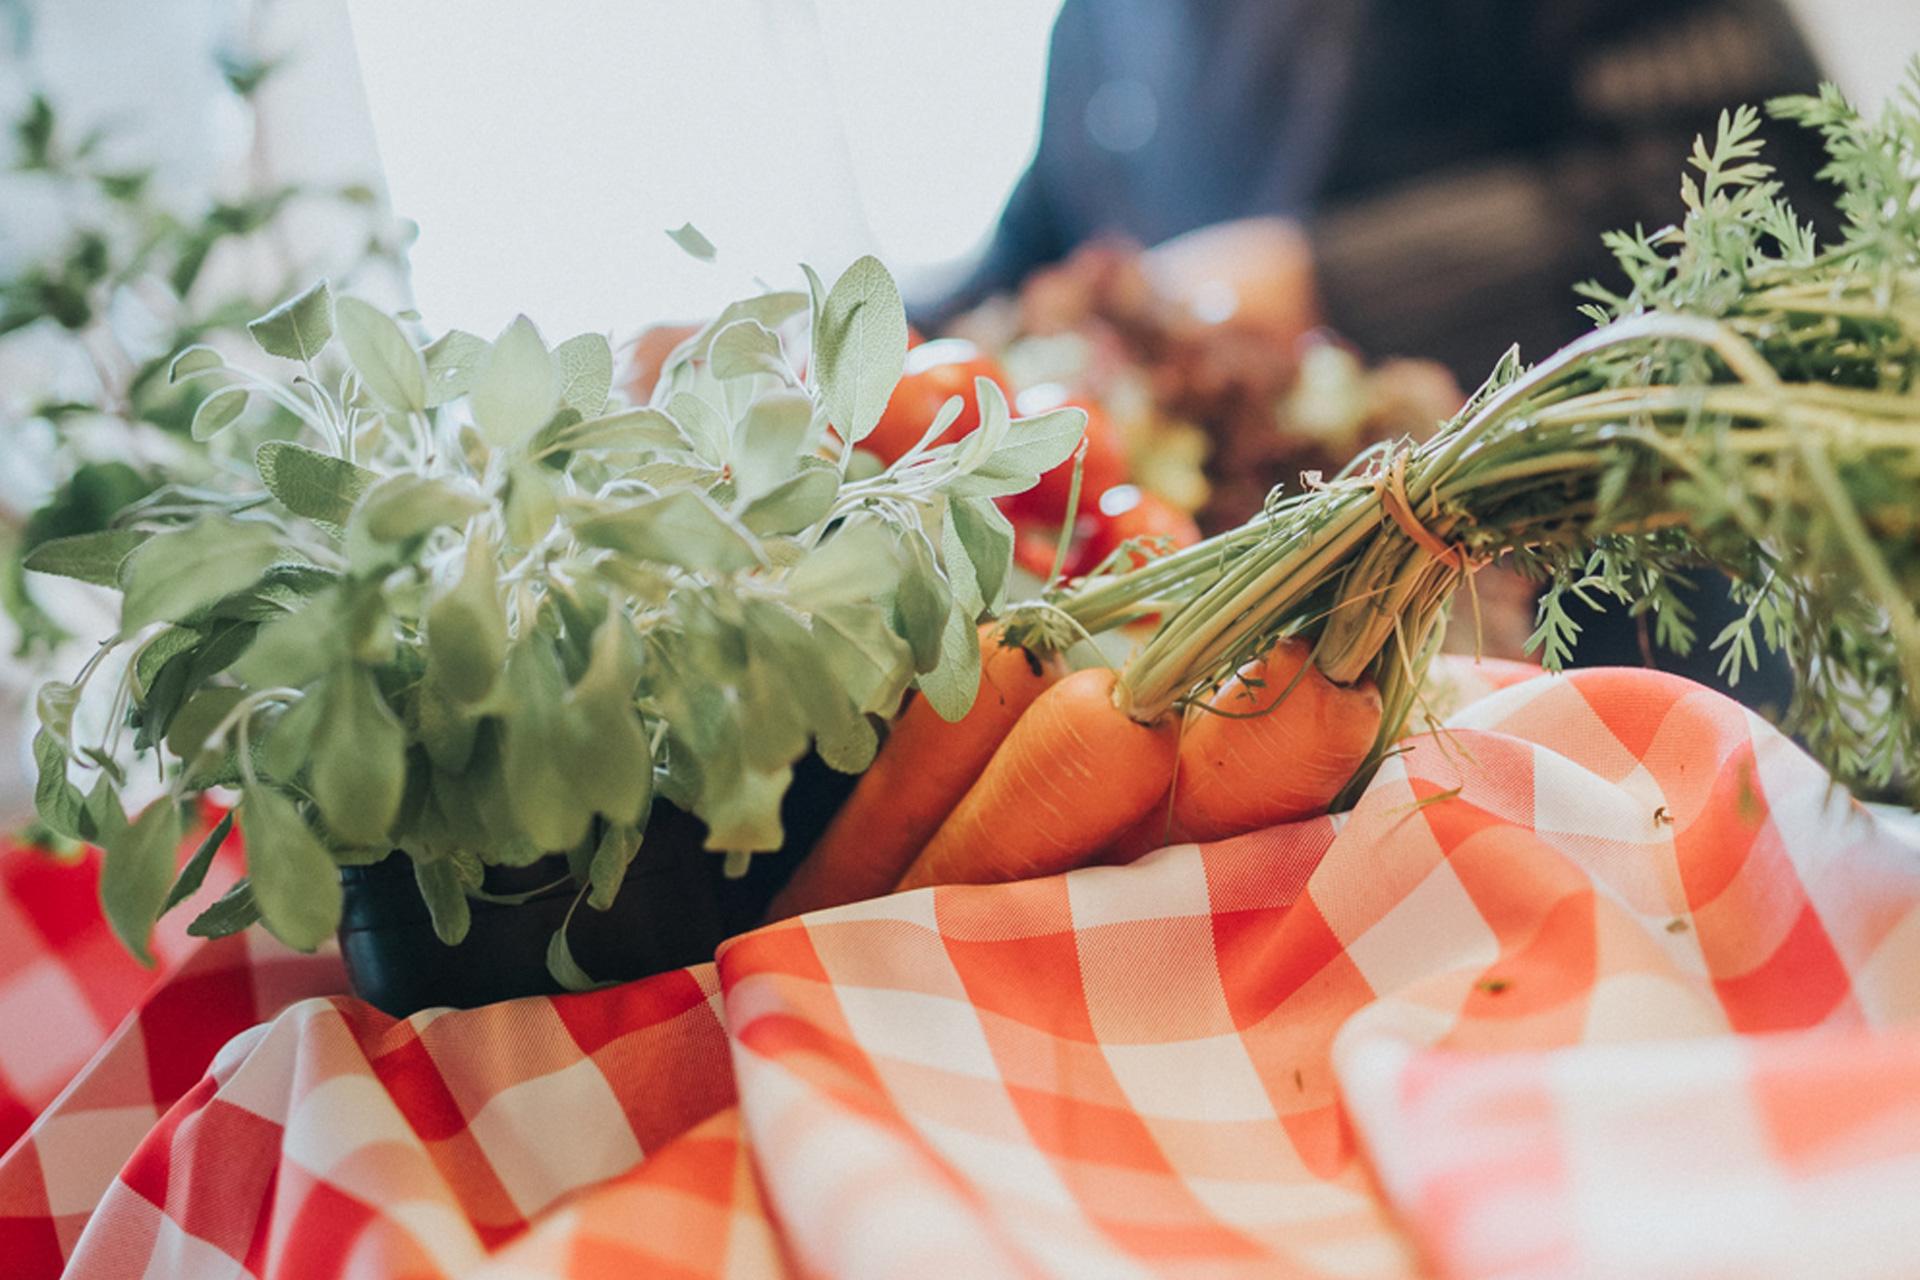 Ammerländer Gemüse mit Möhren im Korb und karierter Decke